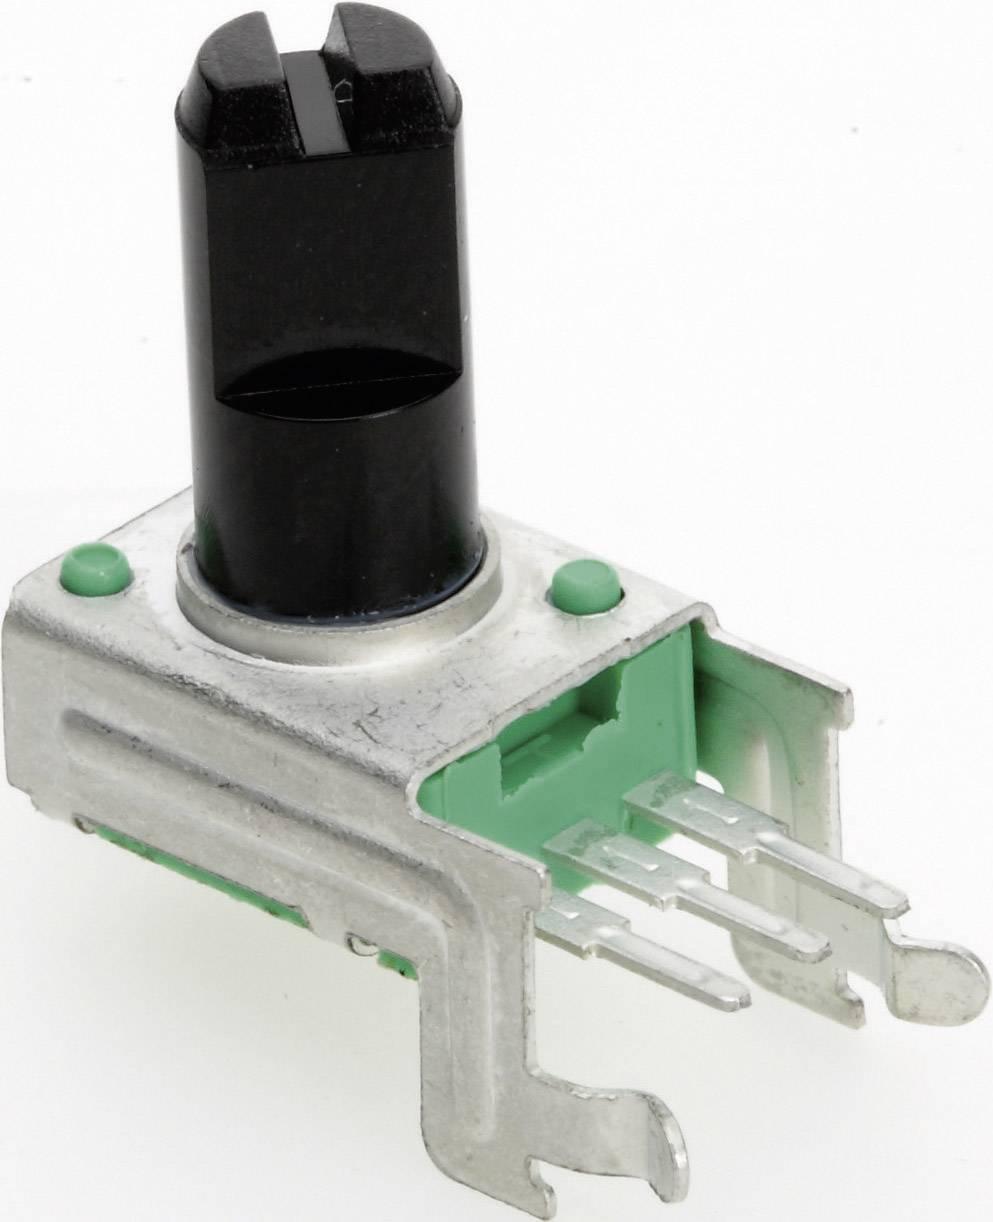 Vodivý plastový potenciometer mono TT Electronics AB P090L-02F20 B-1 KR P090L-02F20BR1K, 1 kOhm, 1 ks